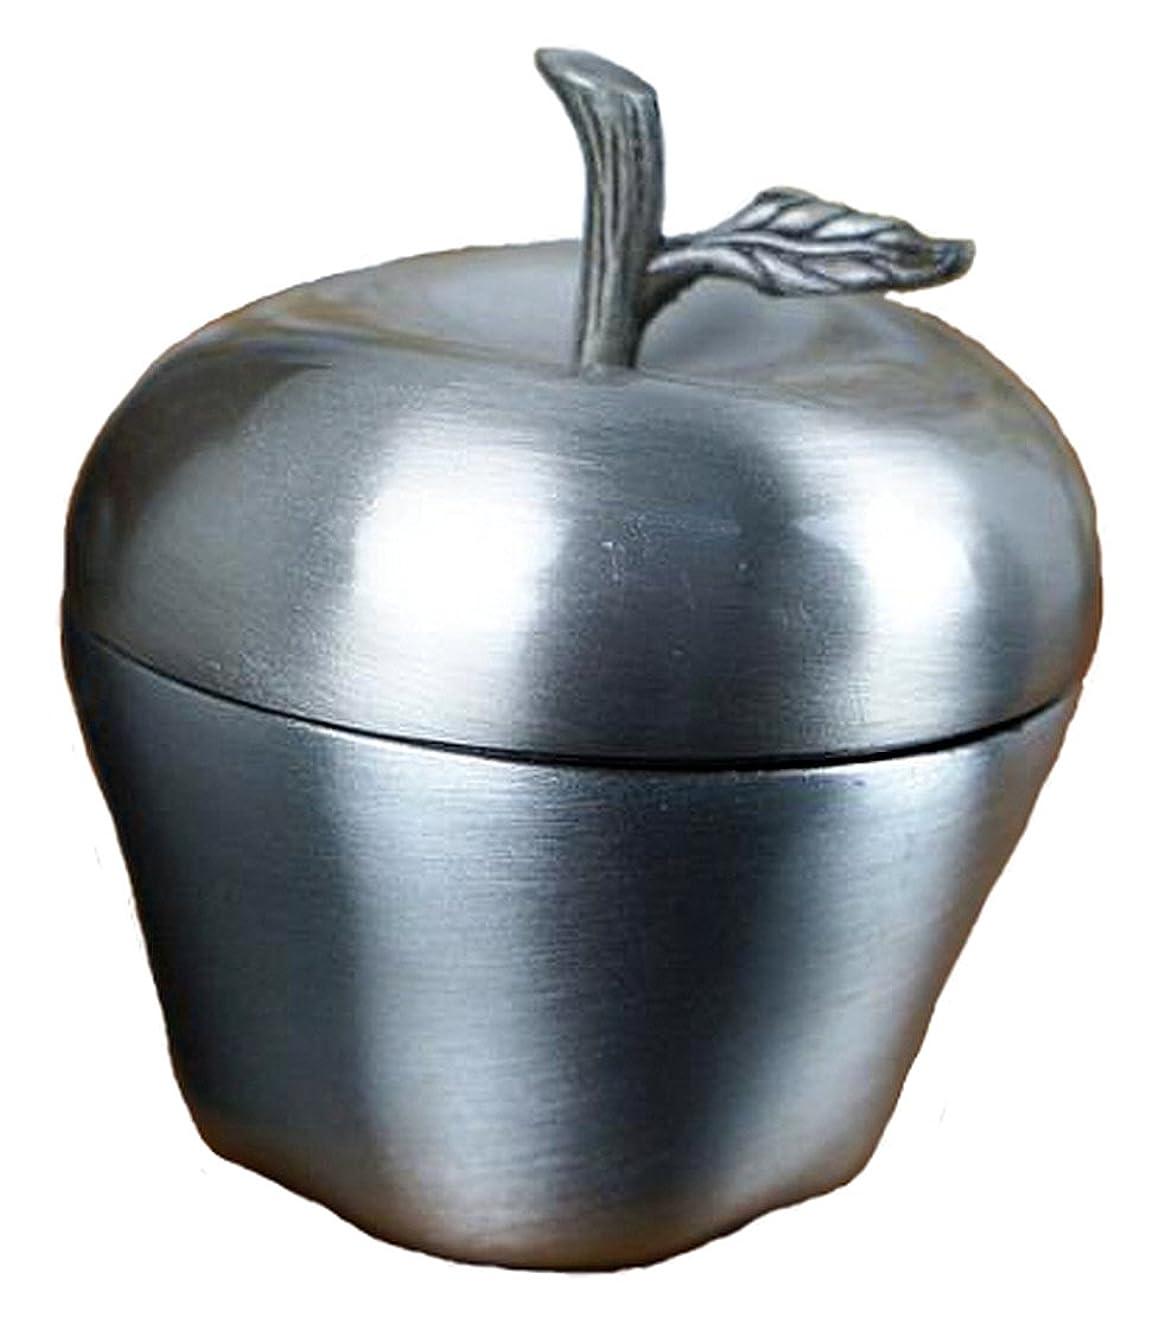 爆弾セーブパトワJ11 アップル型 アンティーク ジュエリーボックス 宝石箱 アクセサリー ケース 小物入れ ボックス コレクション インテリア (アップル)